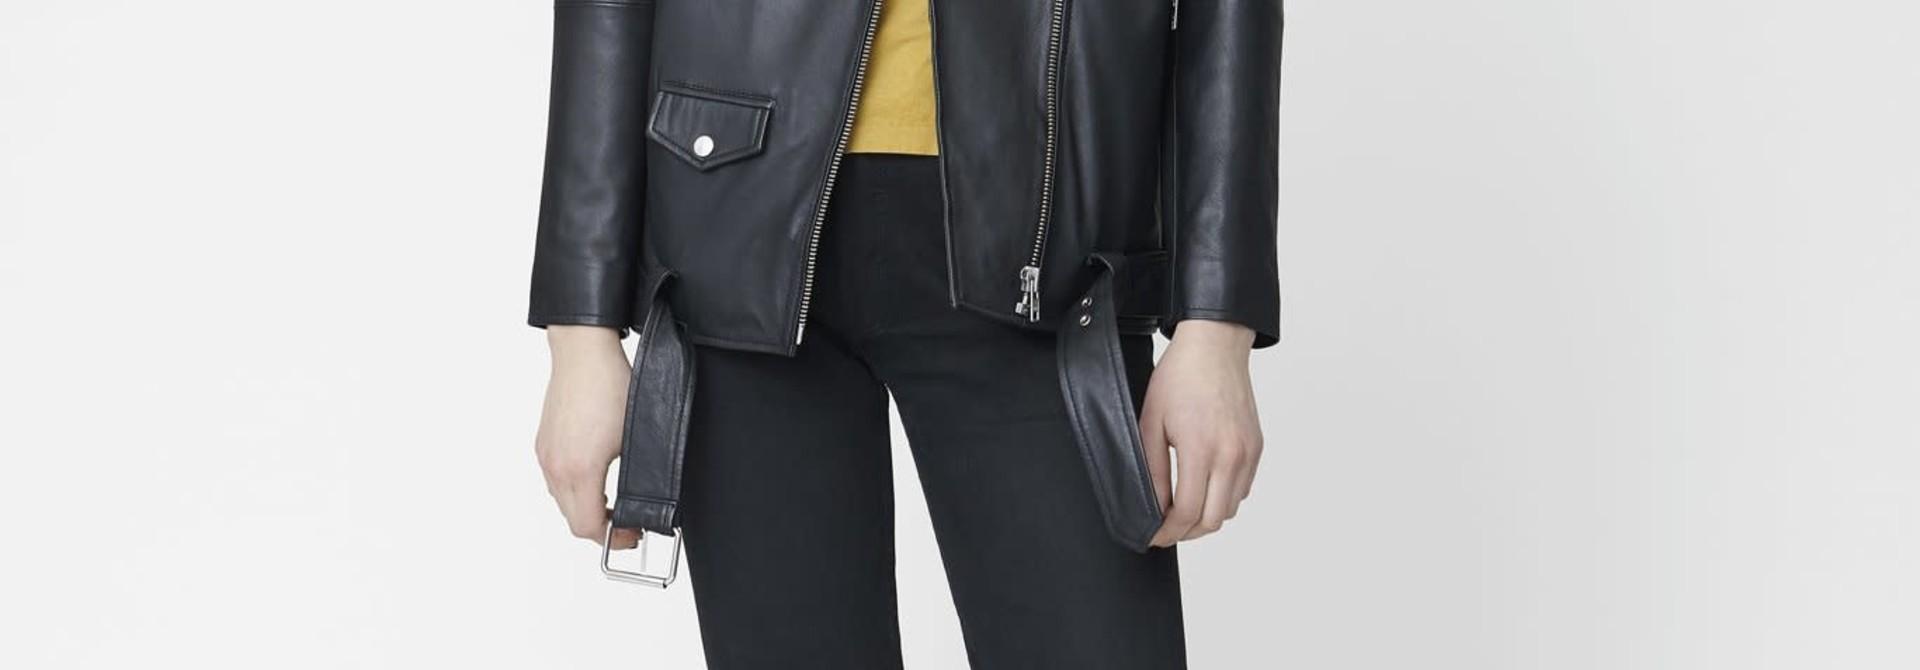 Noma Oversized Leather Biker Jacket Black